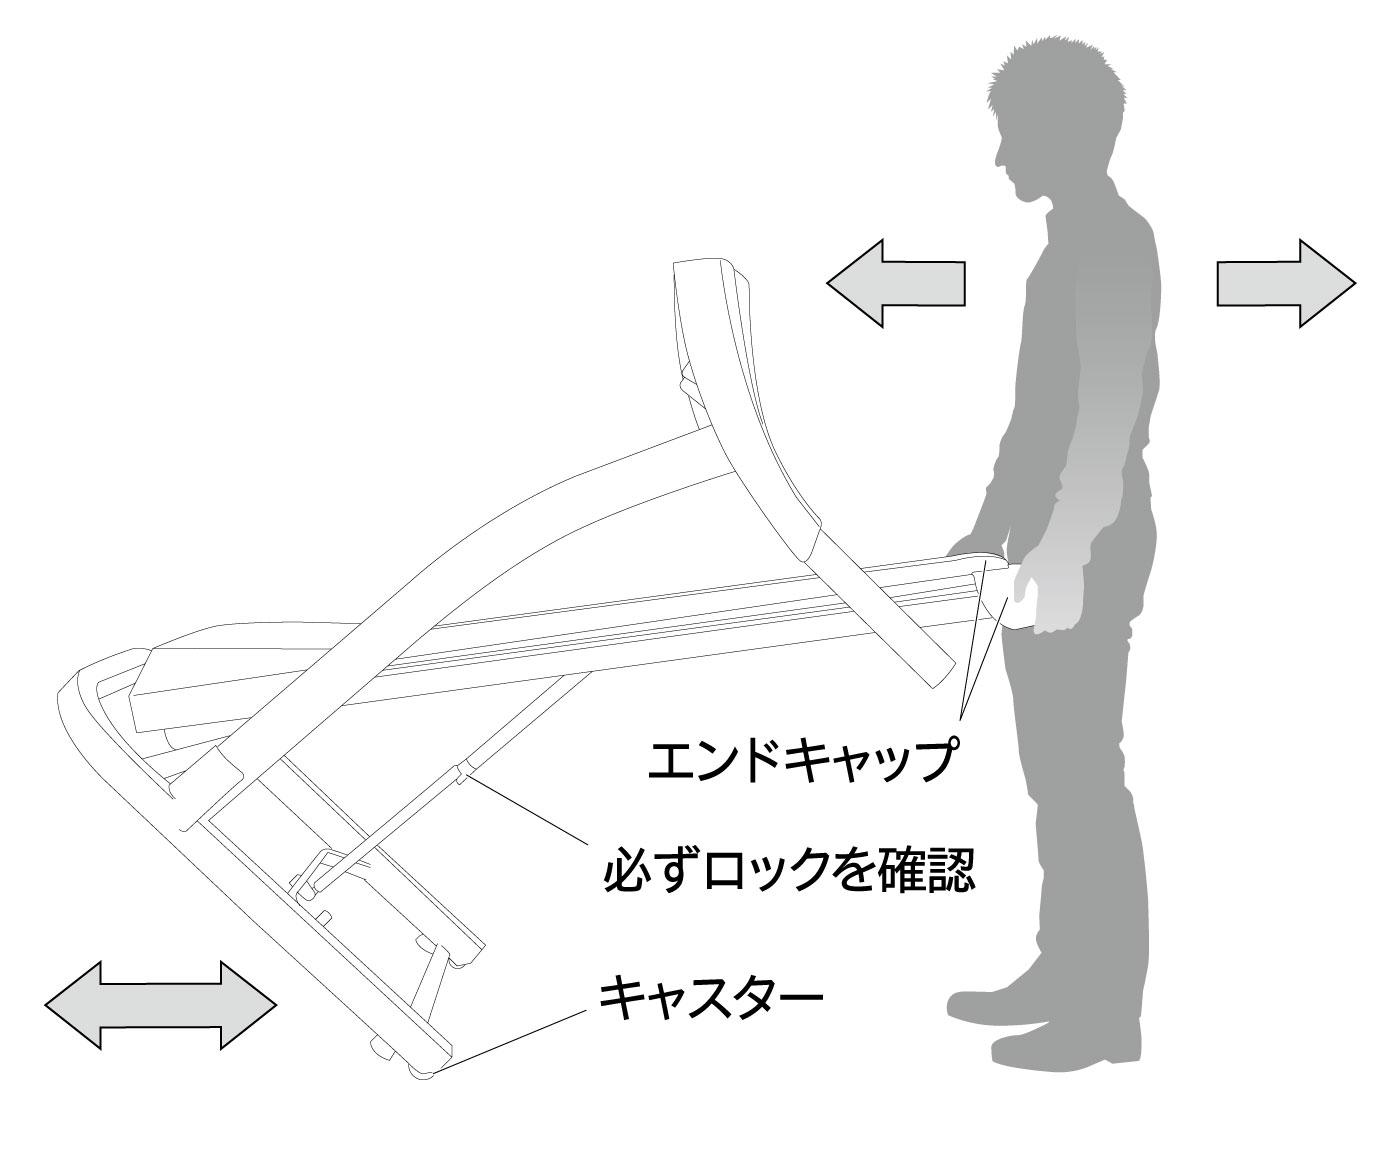 マシンの移動と保管